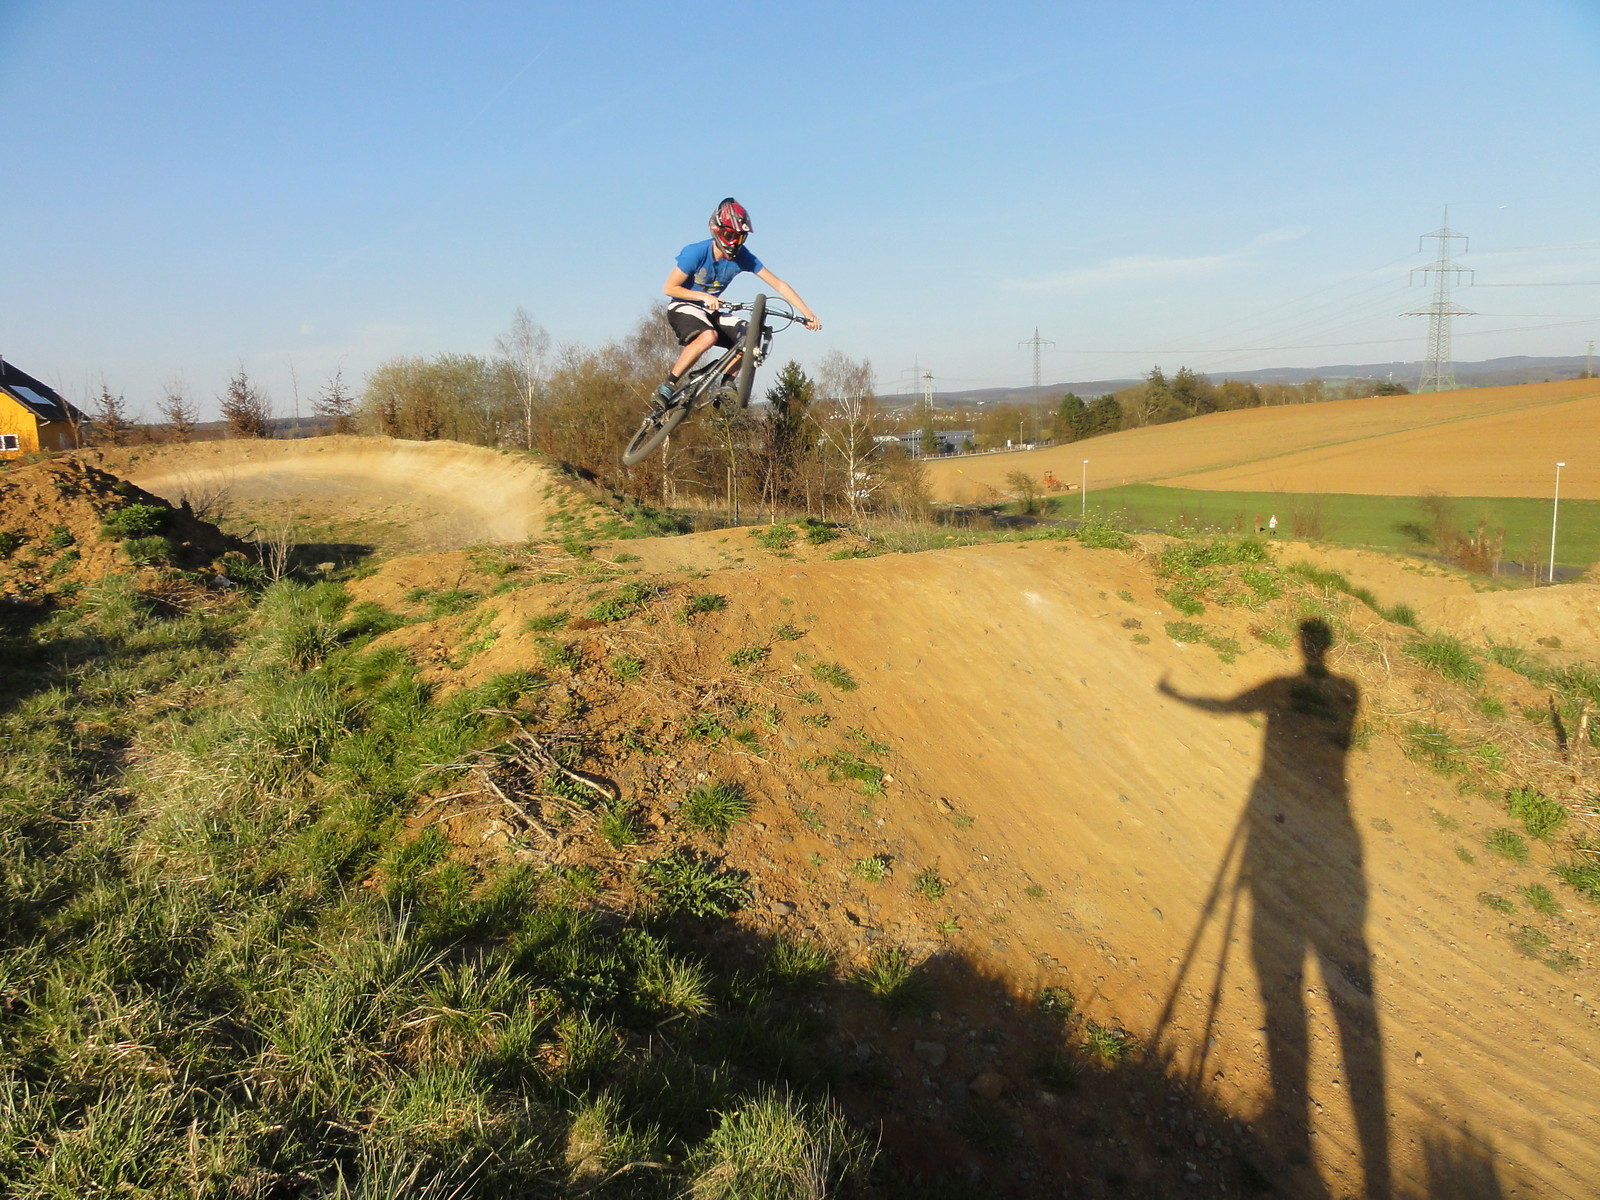 Schwalmstadt 4x - Gweggy - Mountain Biking Pictures - Vital MTB